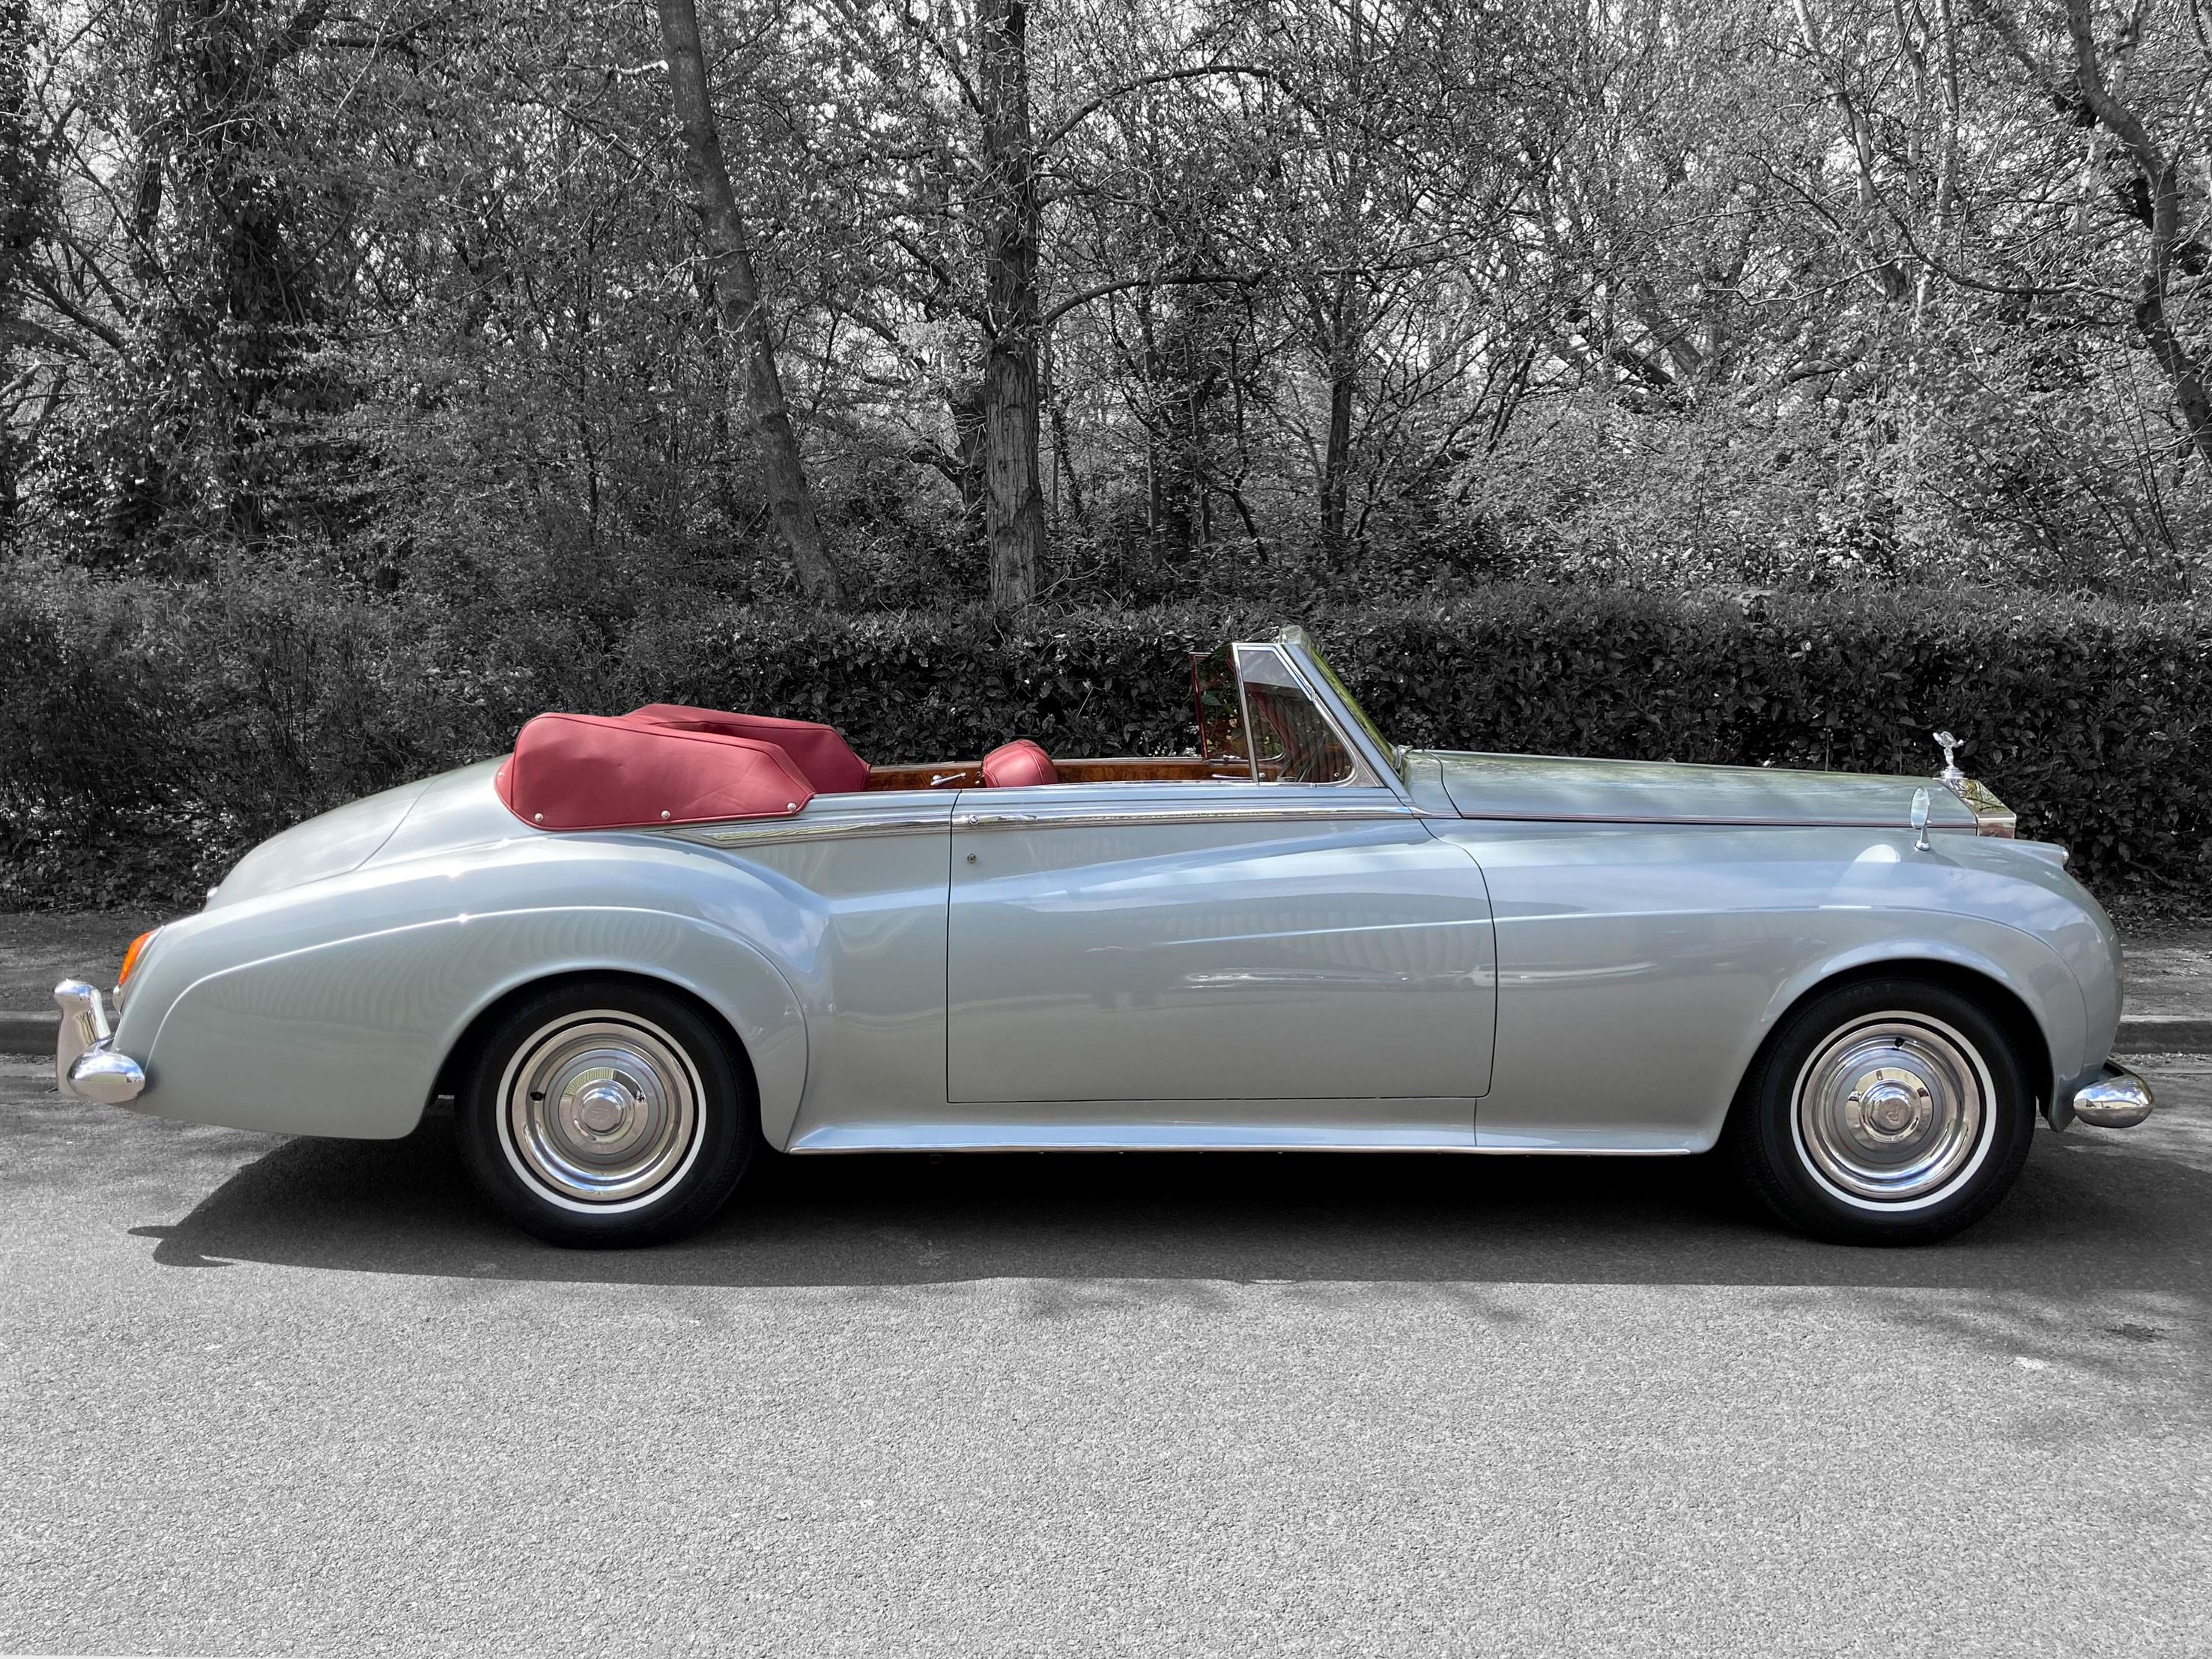 1960 Rolls-Royce Silver Cloud II Drophead Coupe by H.J.Mulliner